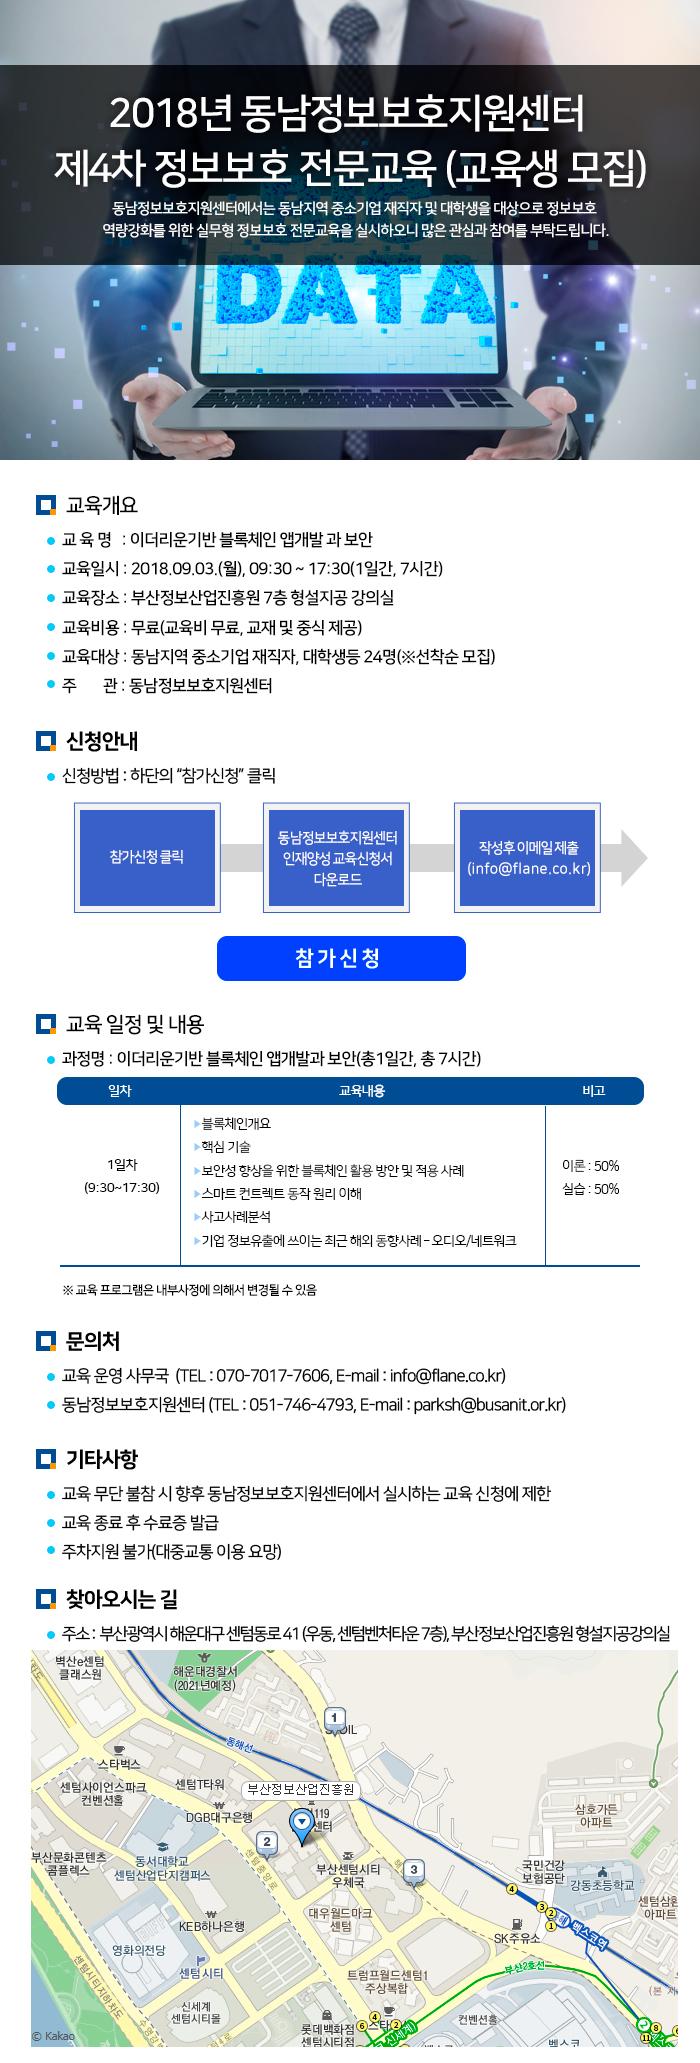 2018년 동남정보보호지원센터 제4차 정보보호 전문교육 (교육생 모집)